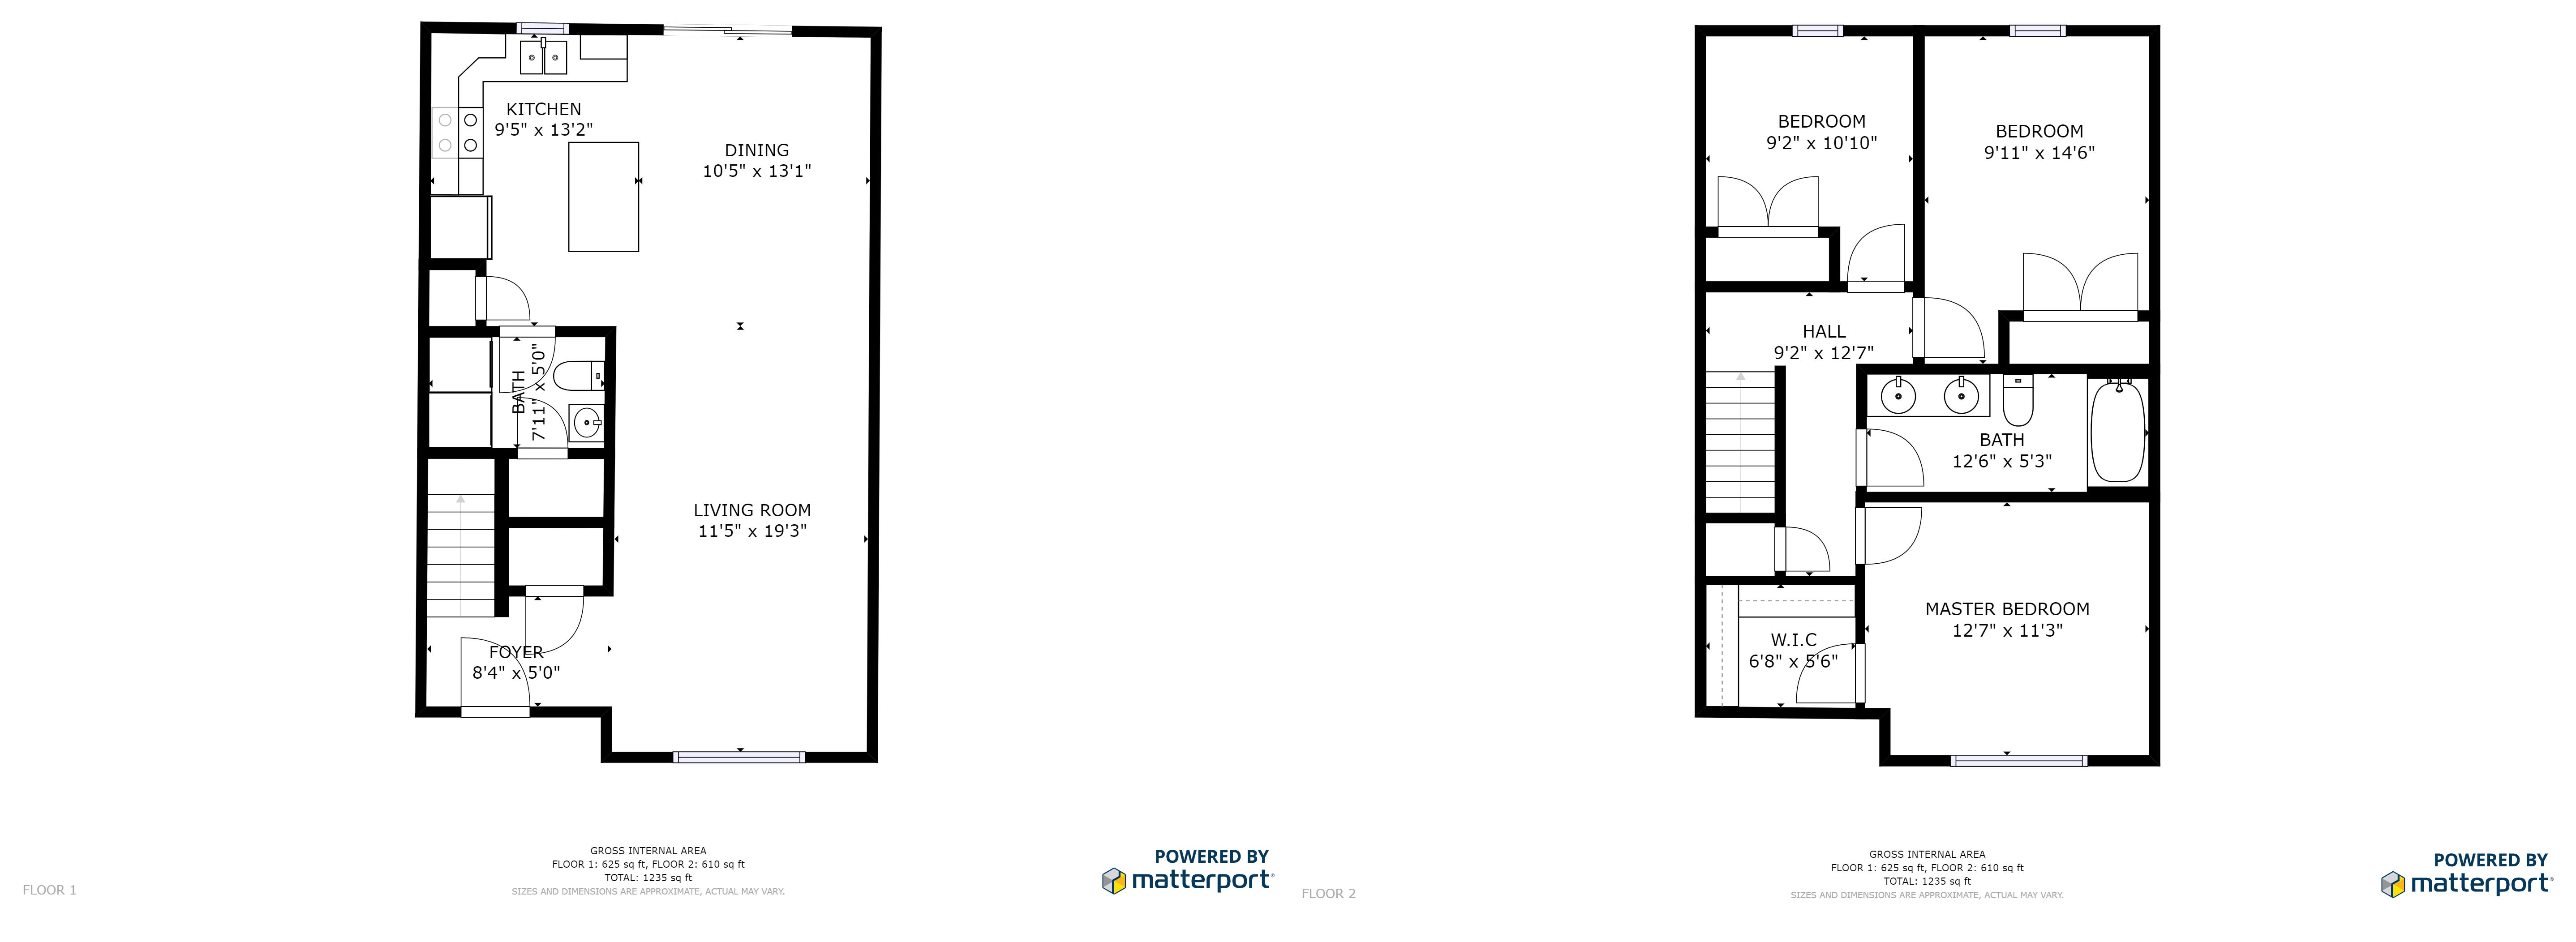 Townhouse Floorplan